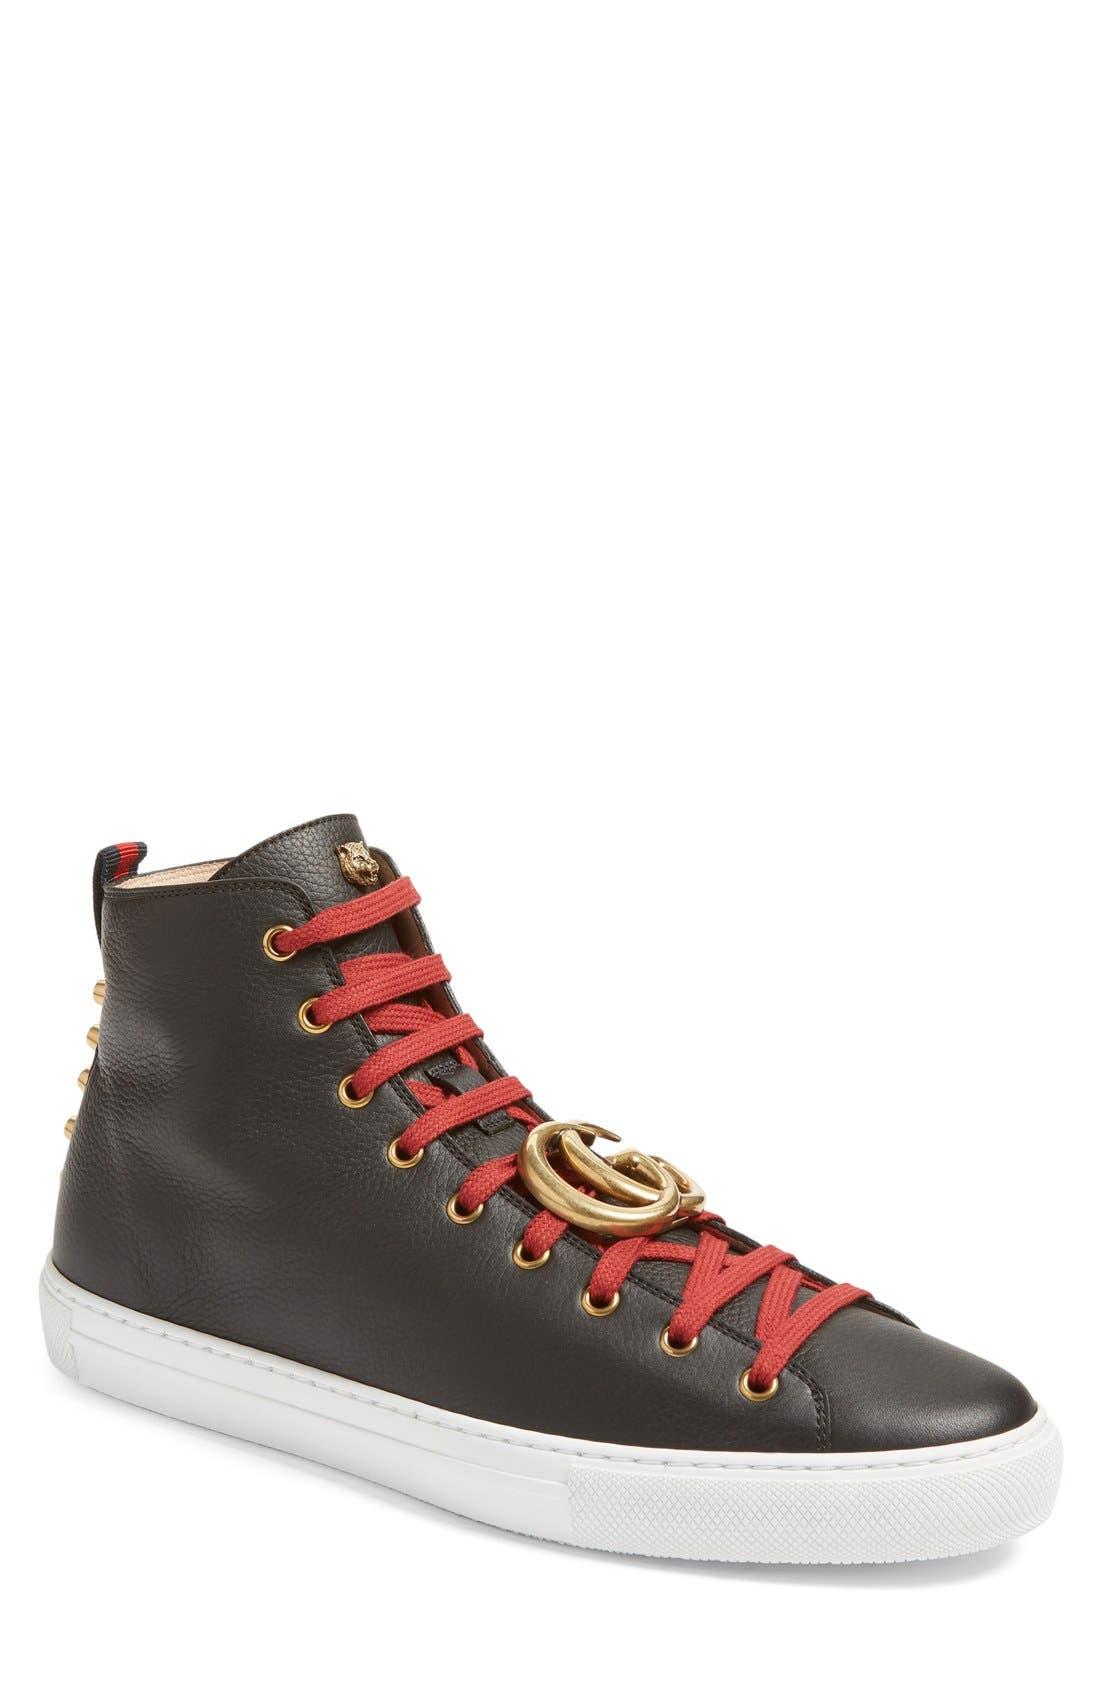 Alternate Image 1 Selected - Gucci Major High Top Sneaker (Men)